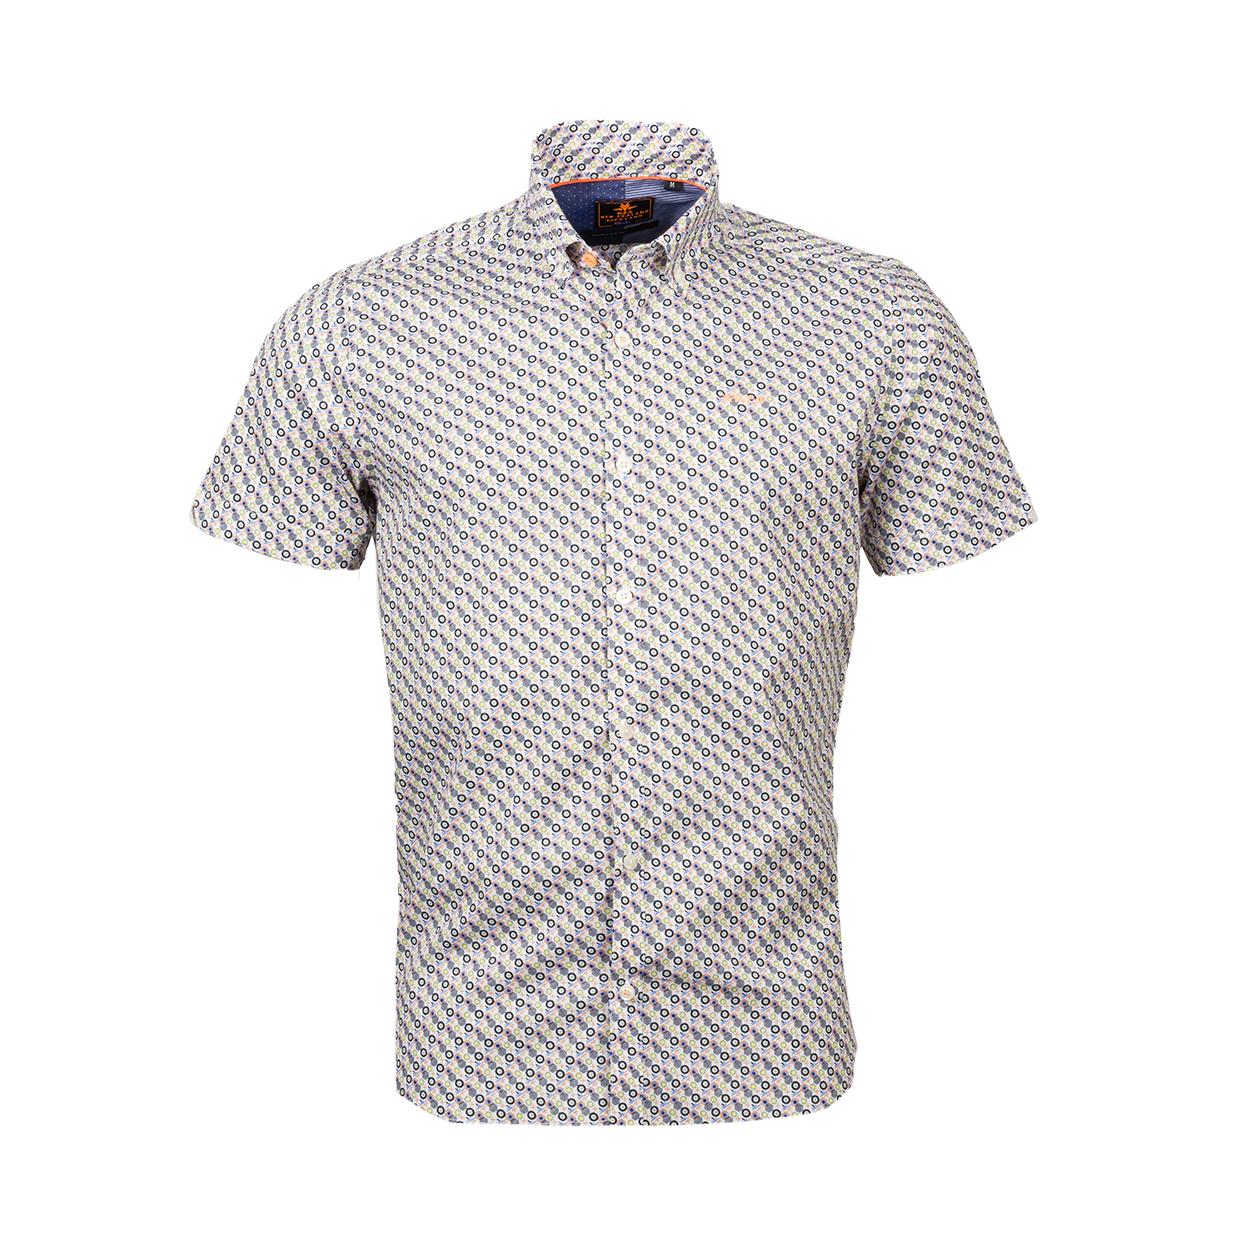 Chemise ajustée manches courtes NZA Havelock en coton stretch blanc à motifs multicolors